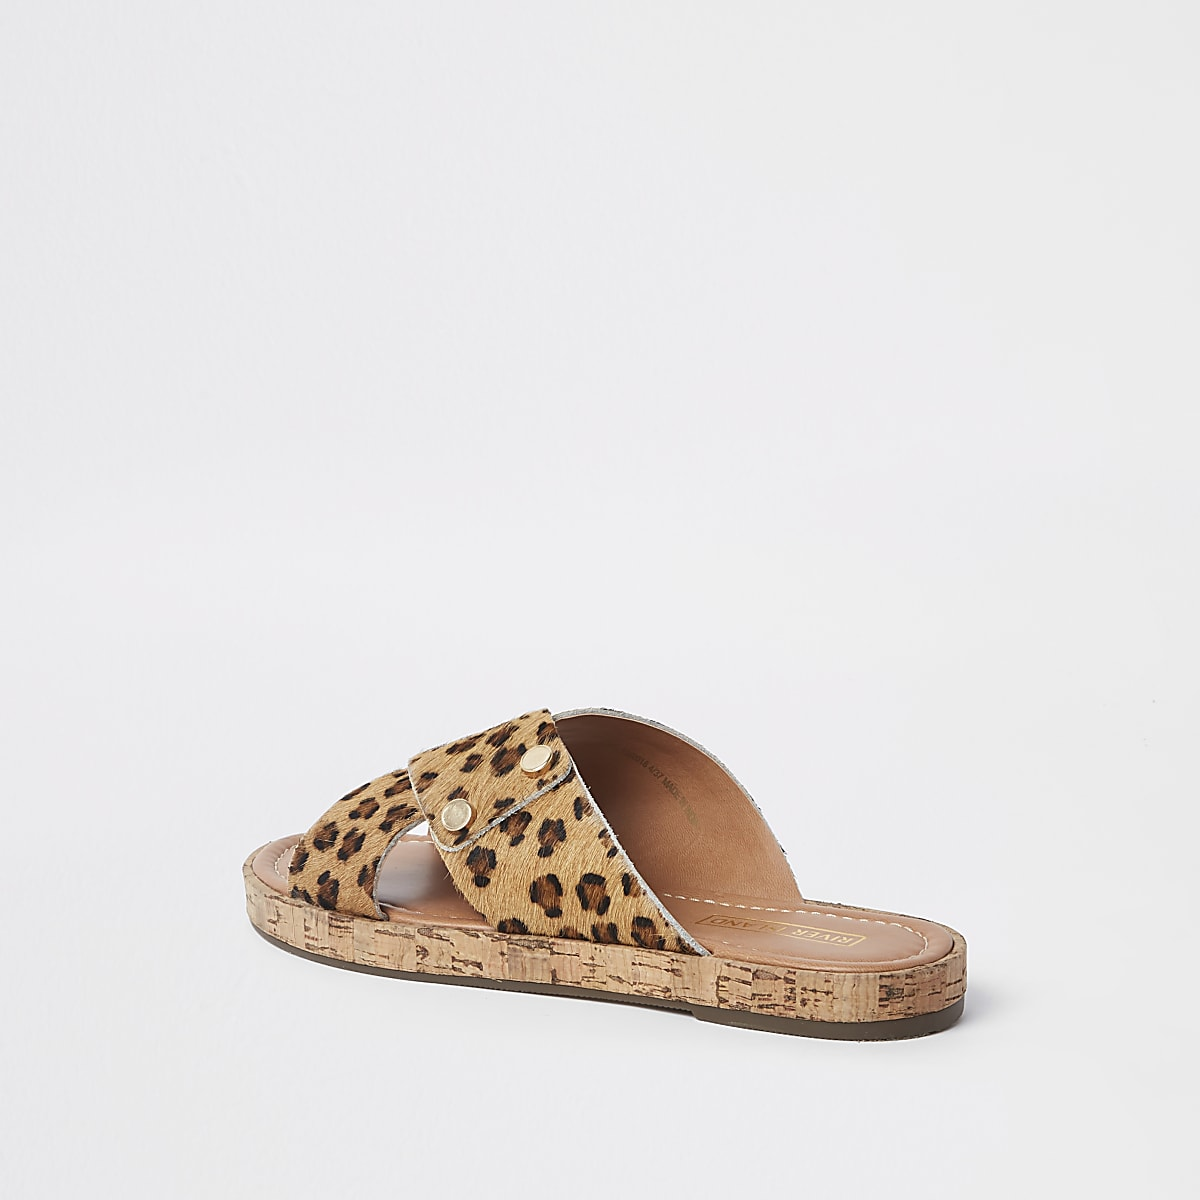 f4ab6924c824 Brown suede leopard cross strap sandals - Sandals - Shoes & Boots - women